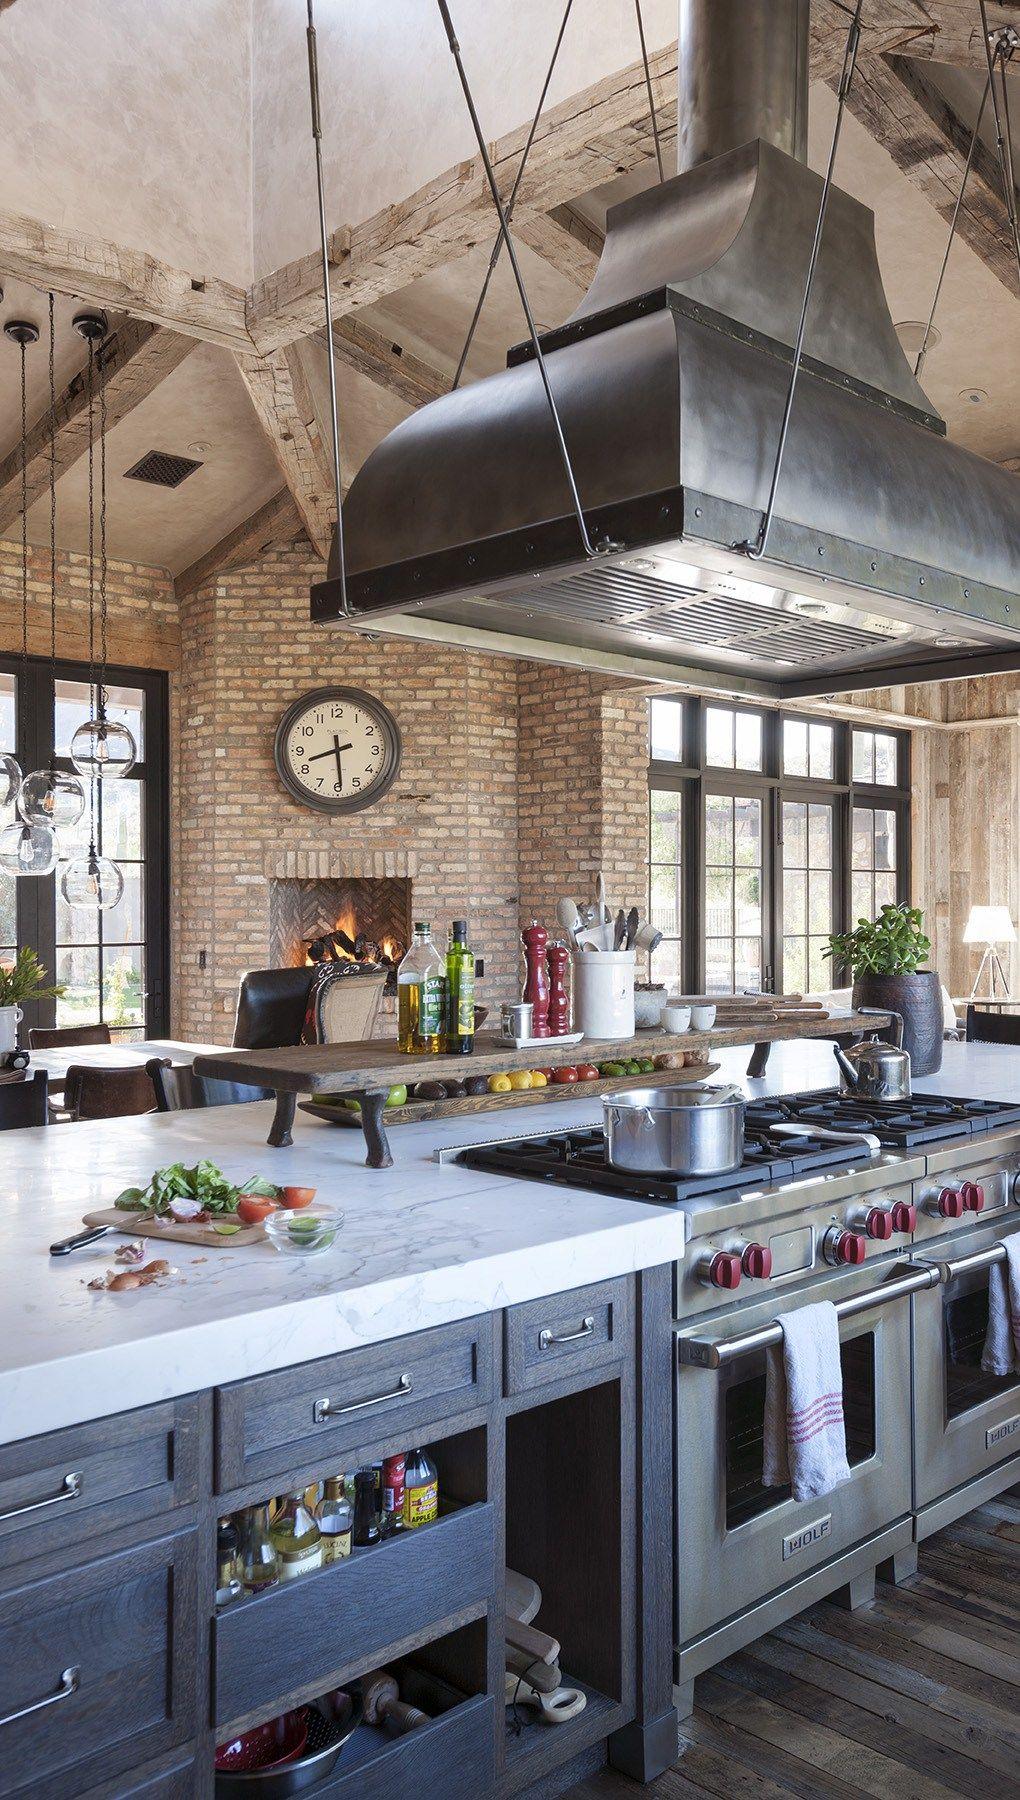 Rustic Eclectic Kitchen | Eclectic kitchen, Rustic kitchen ...